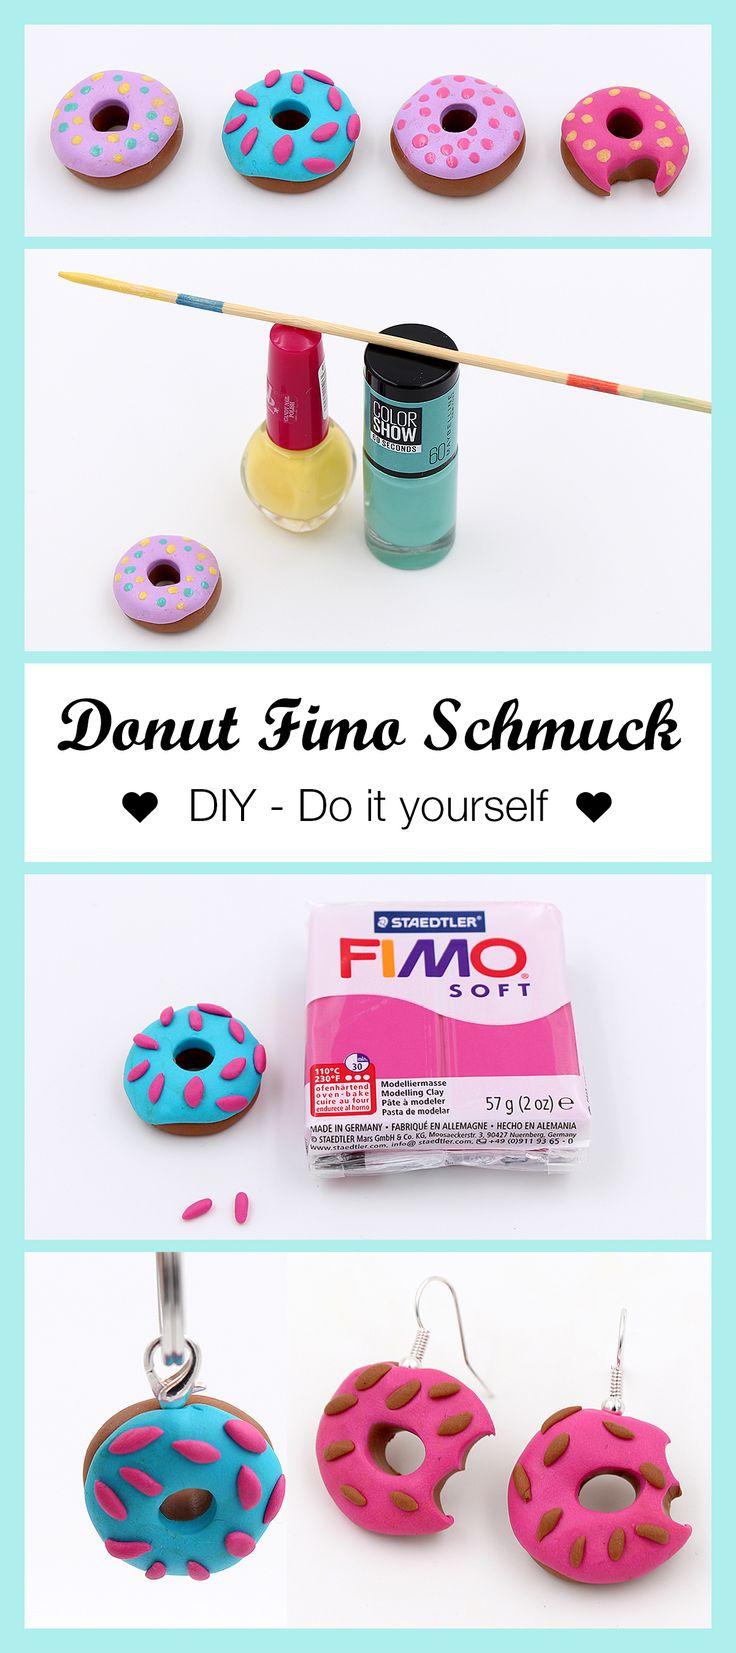 DIY Fimo Ideen: So könnt Ihr Euch ganz einfach schönen Schmuck aus Fimo selbst machen. Einfache Anleitung zum nach basteln. Ideal für das Basteln mit Kindern.